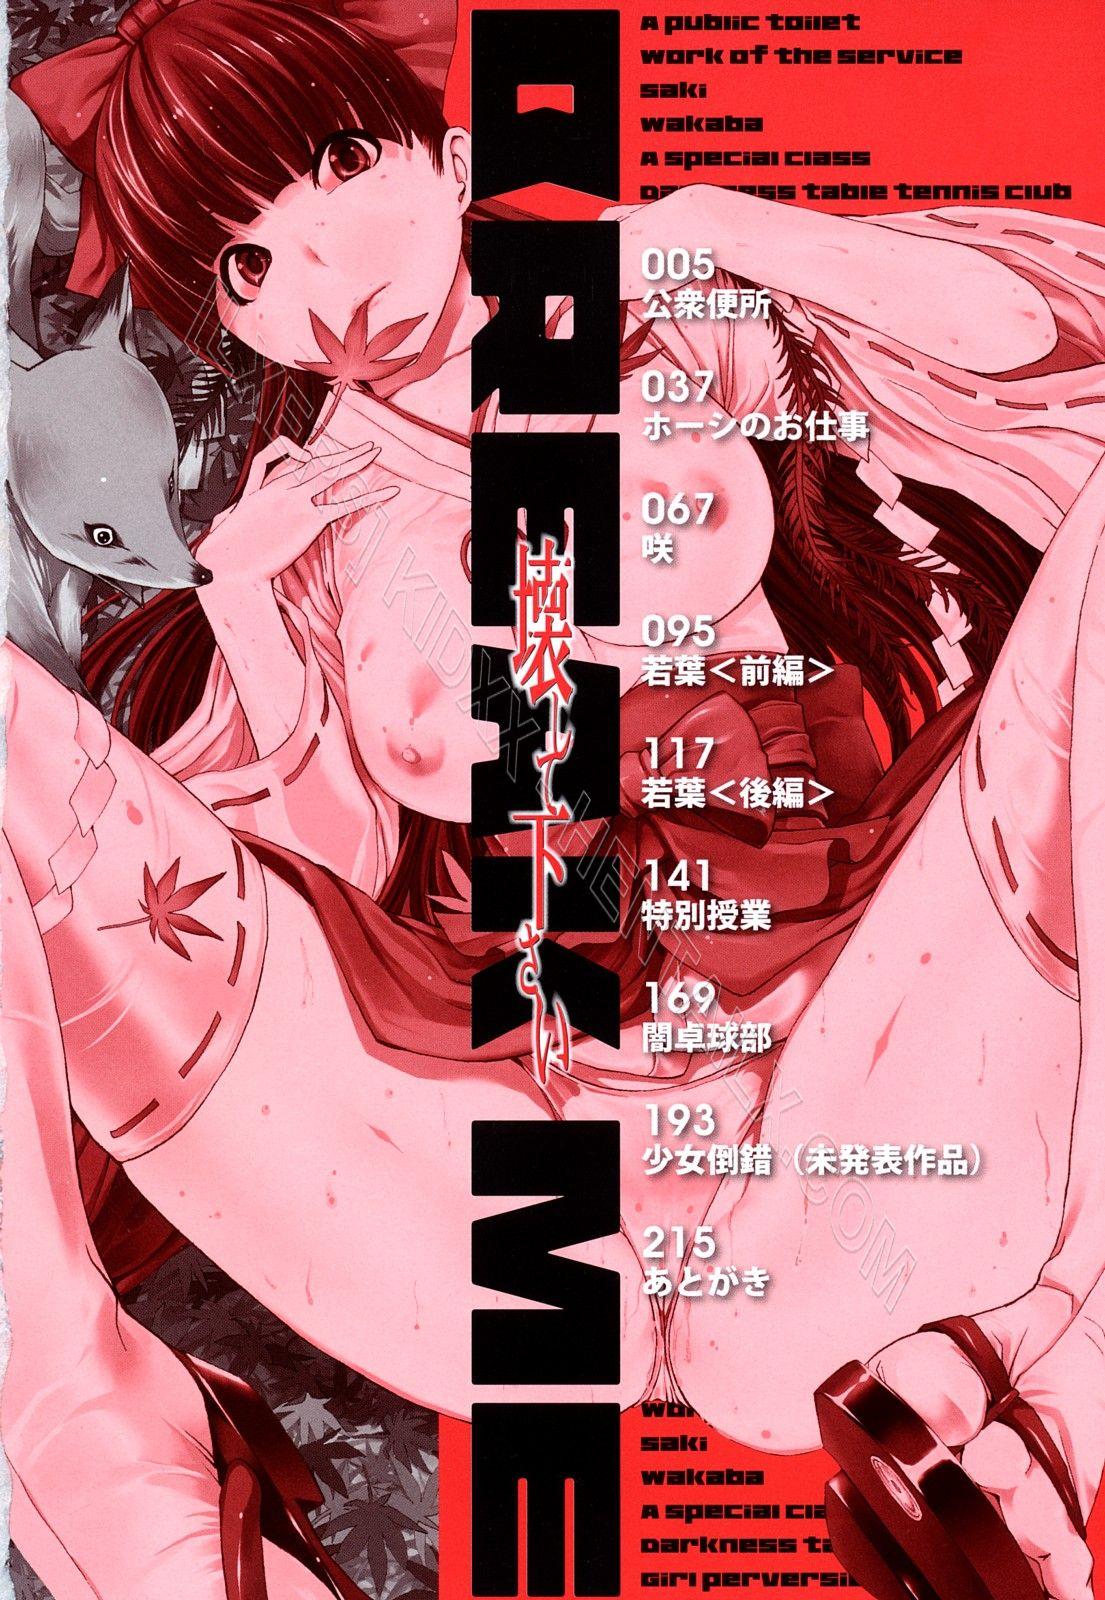 Hình ảnh historically lame www.hentairules.net 006 in Phang nát bướm em đi